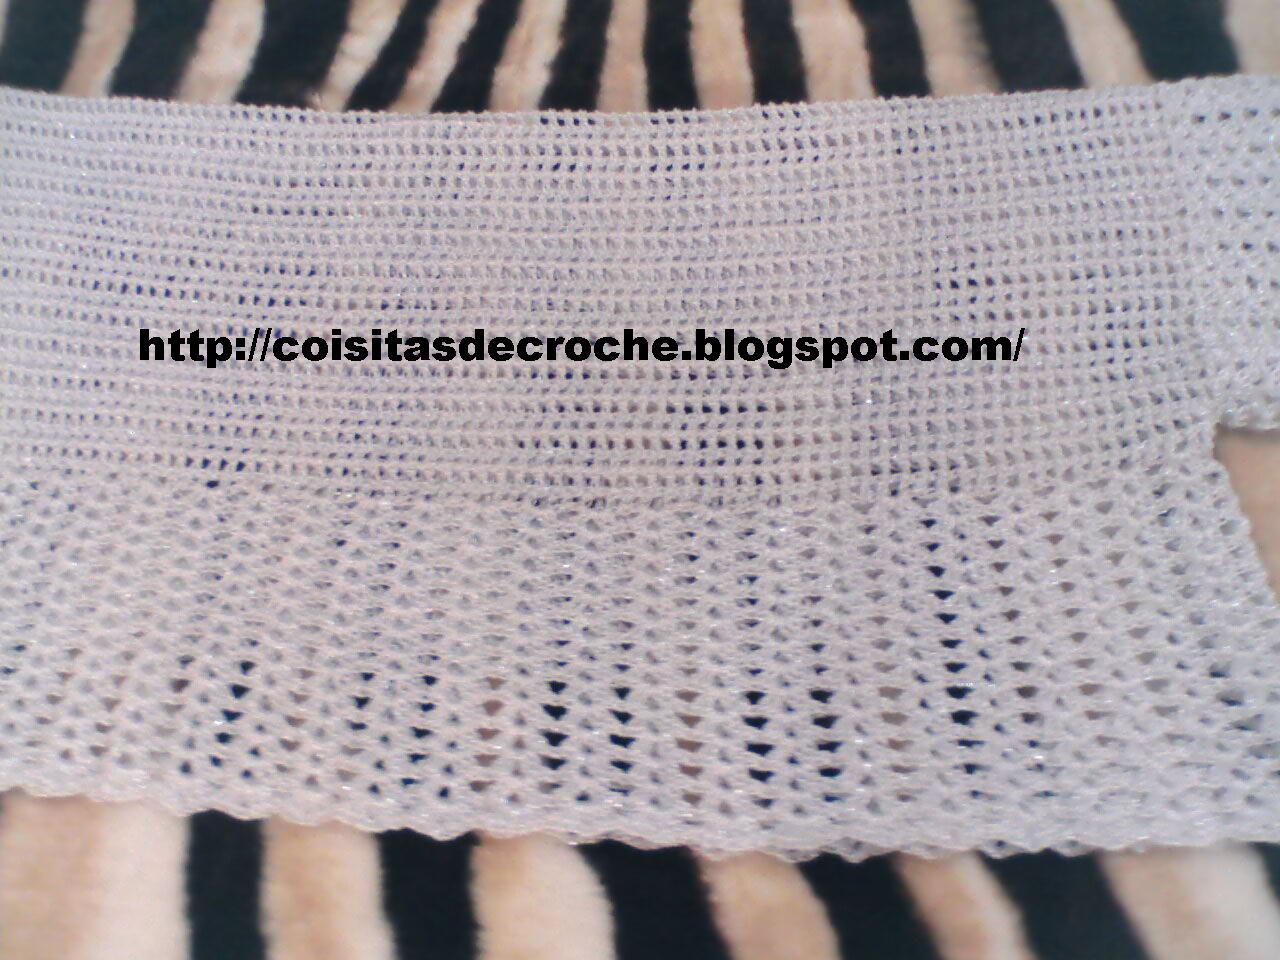 Coisitas de croche bolero de croche effect for kanya rashi sade sati